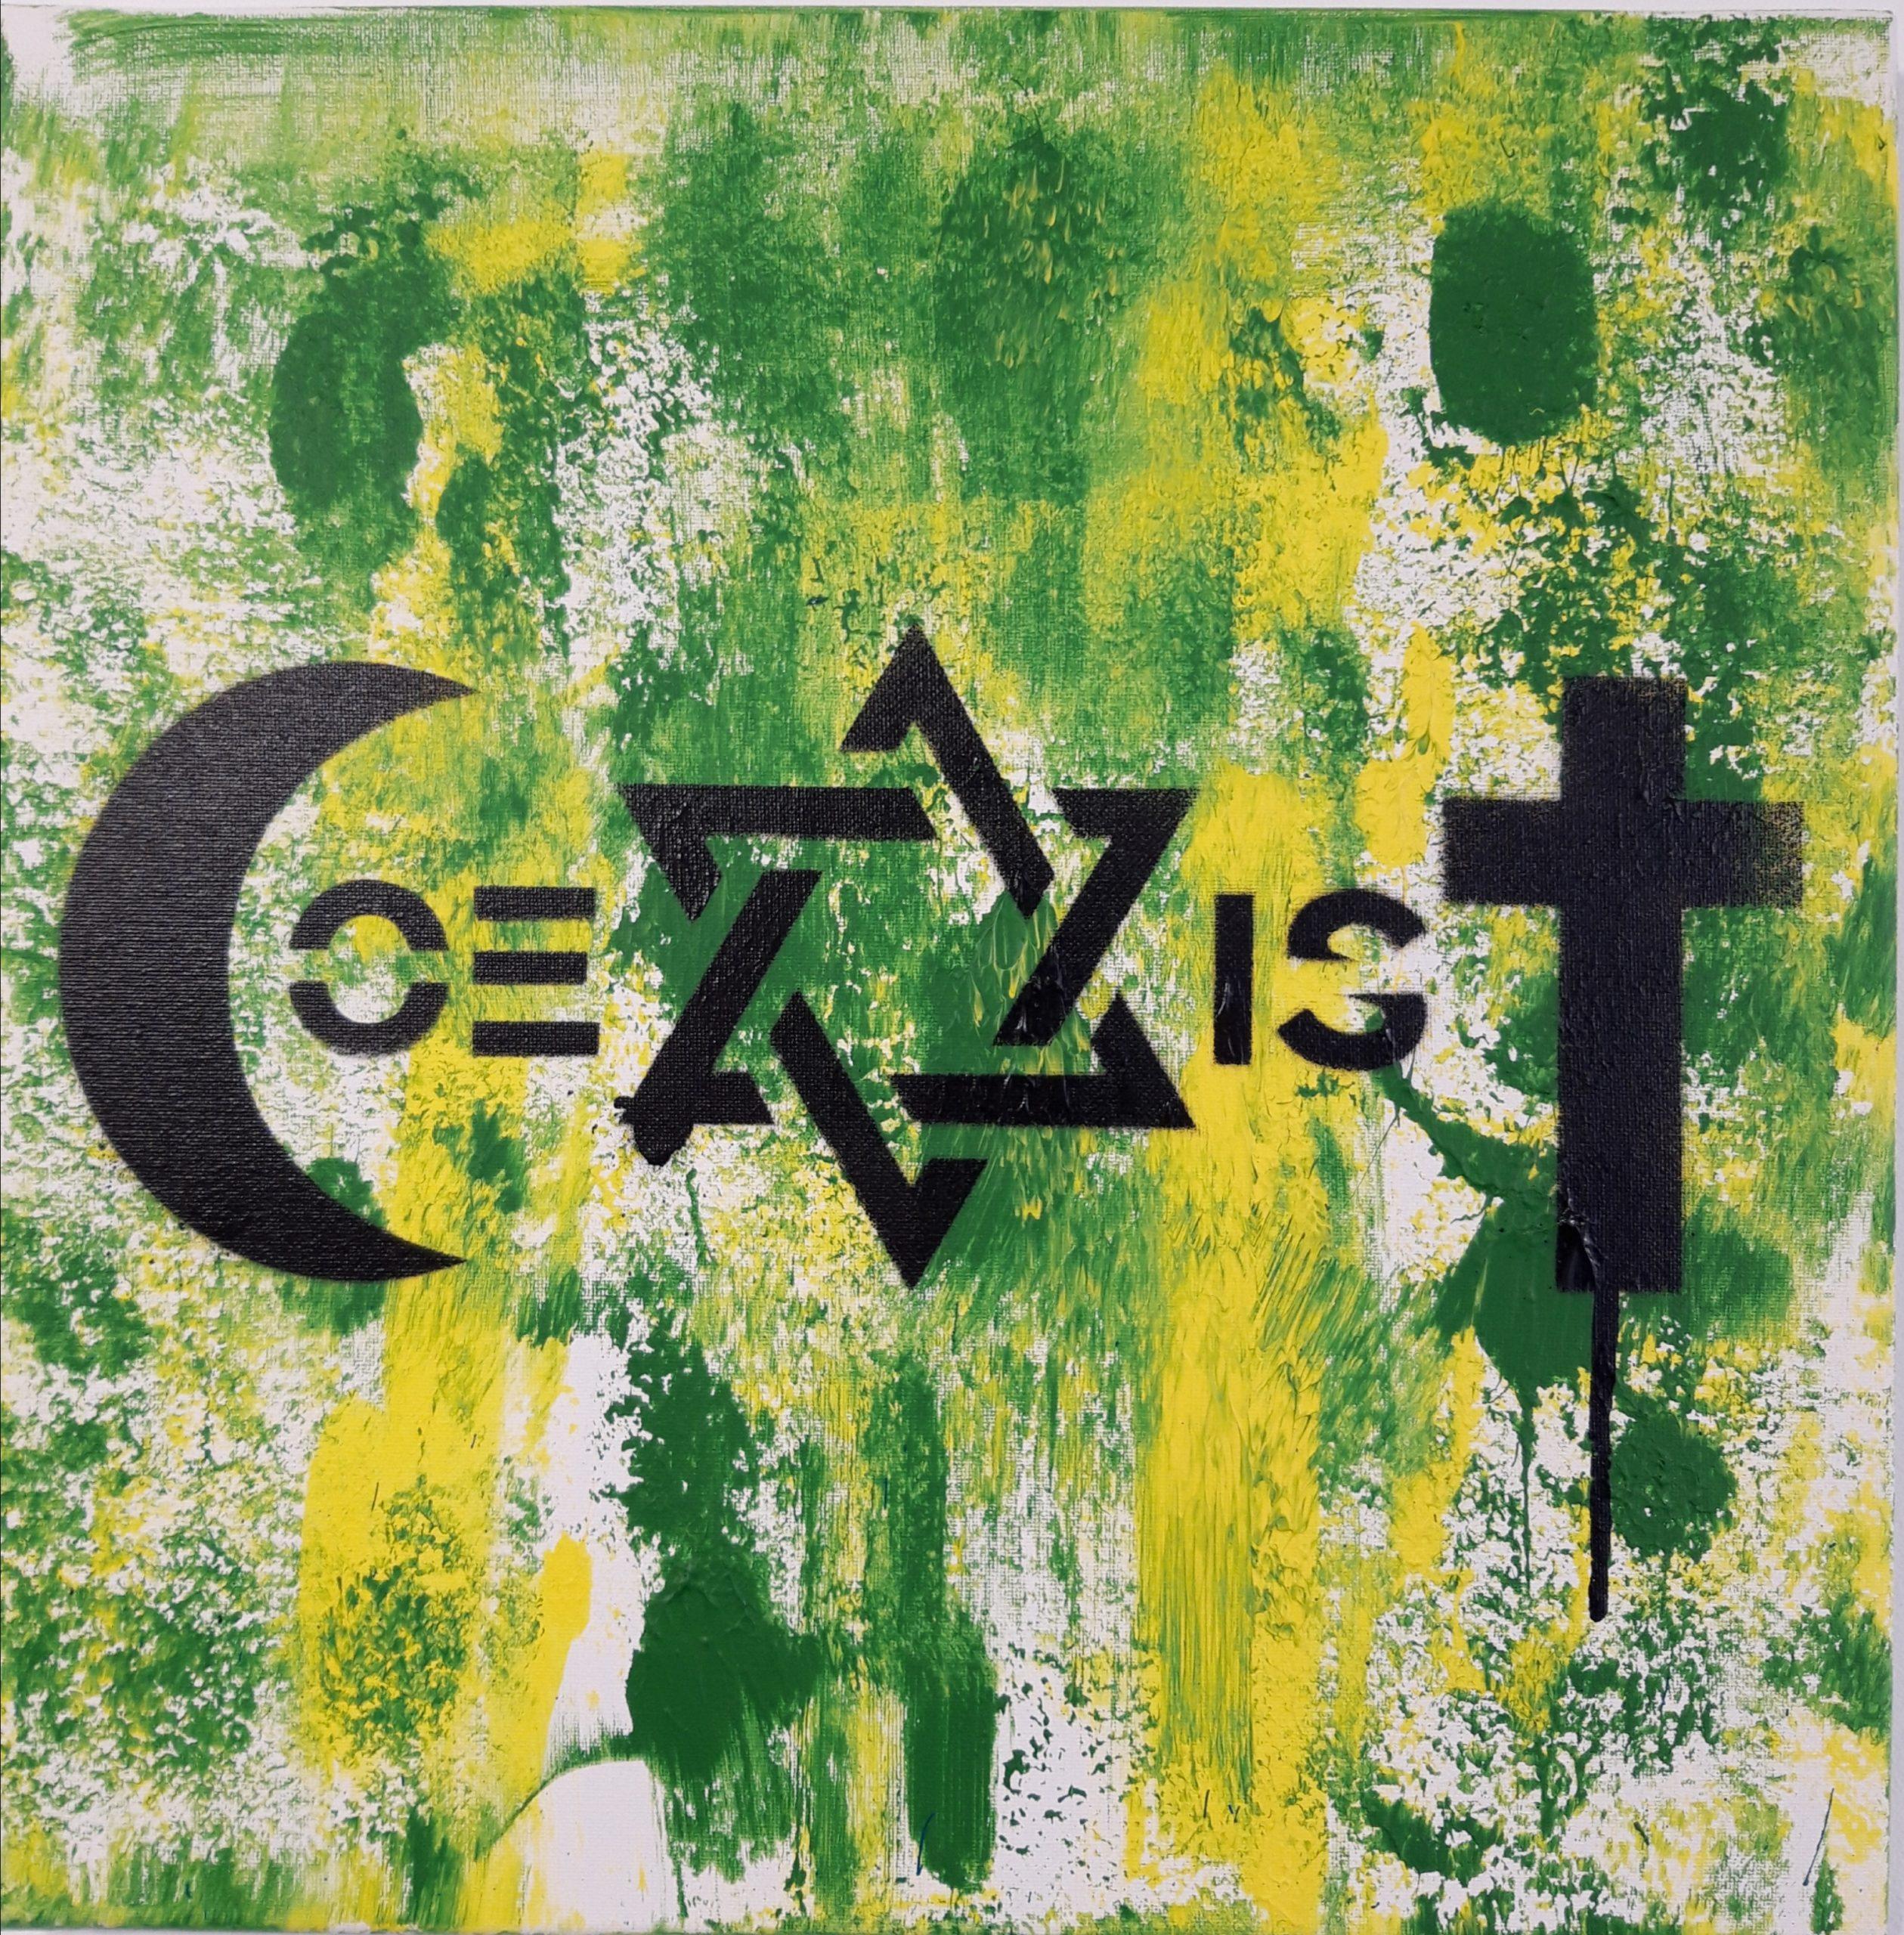 COEXIST 3/9